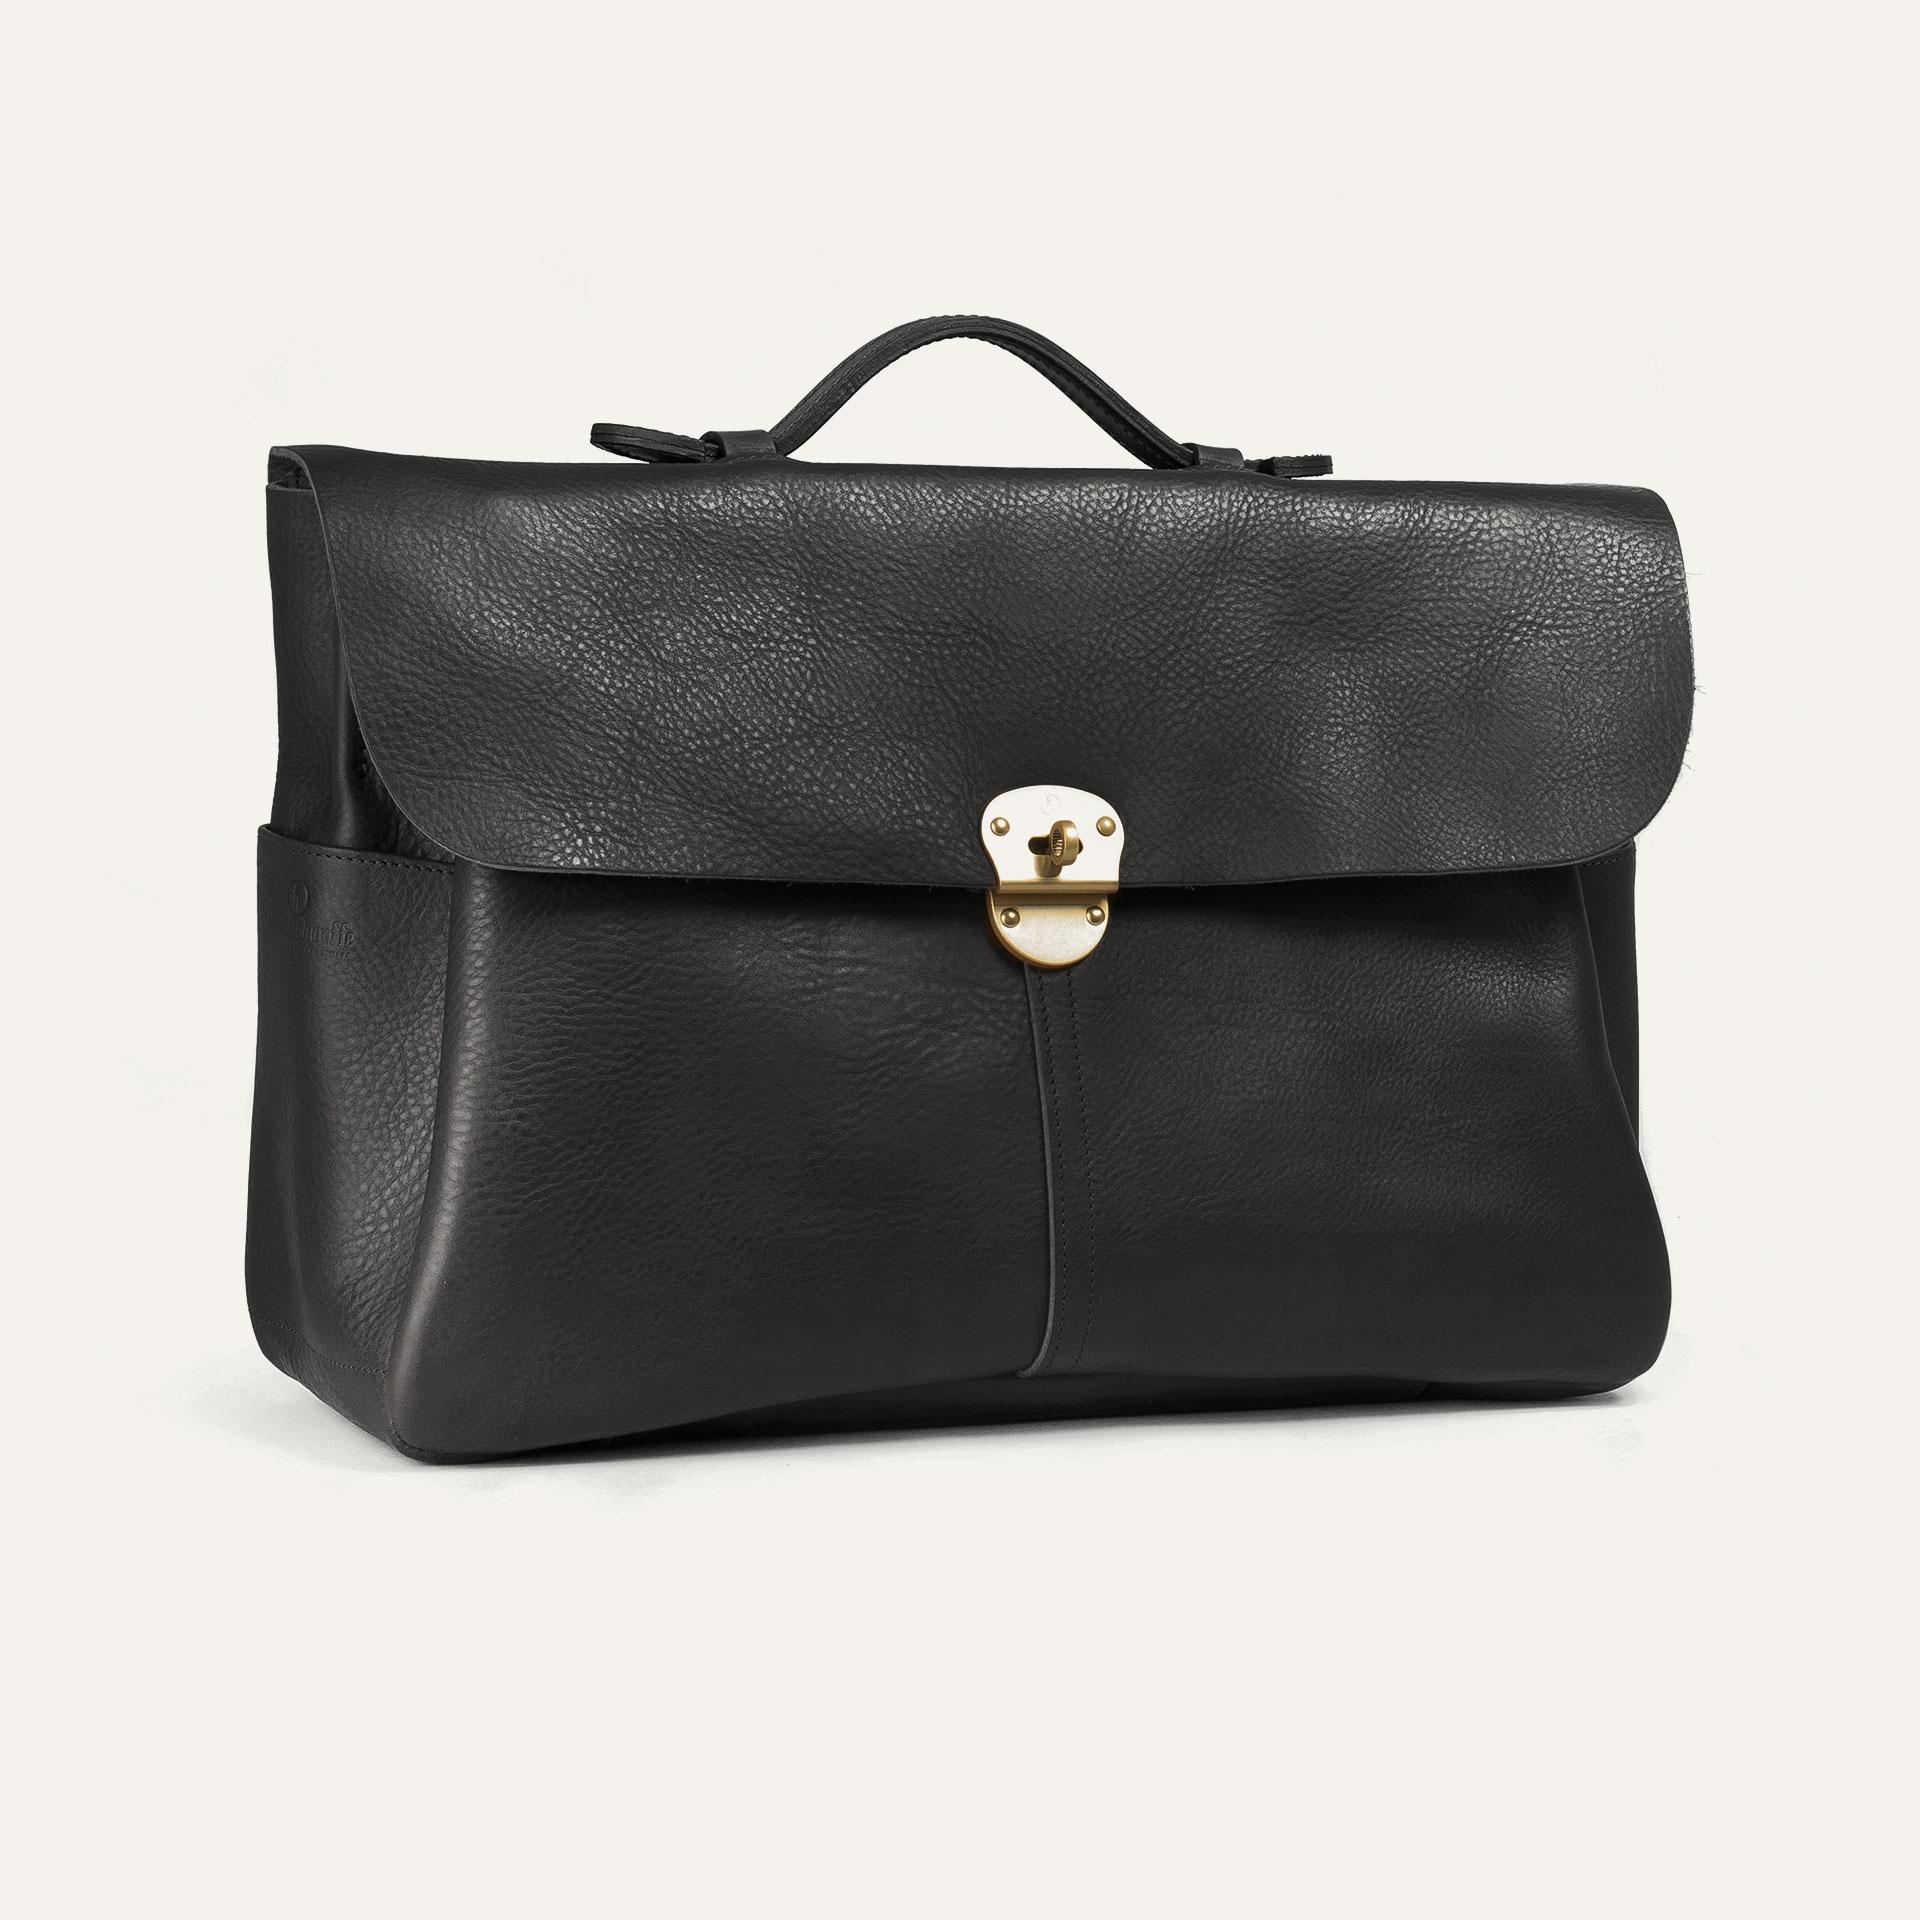 Charles bag - Black (image n°2)